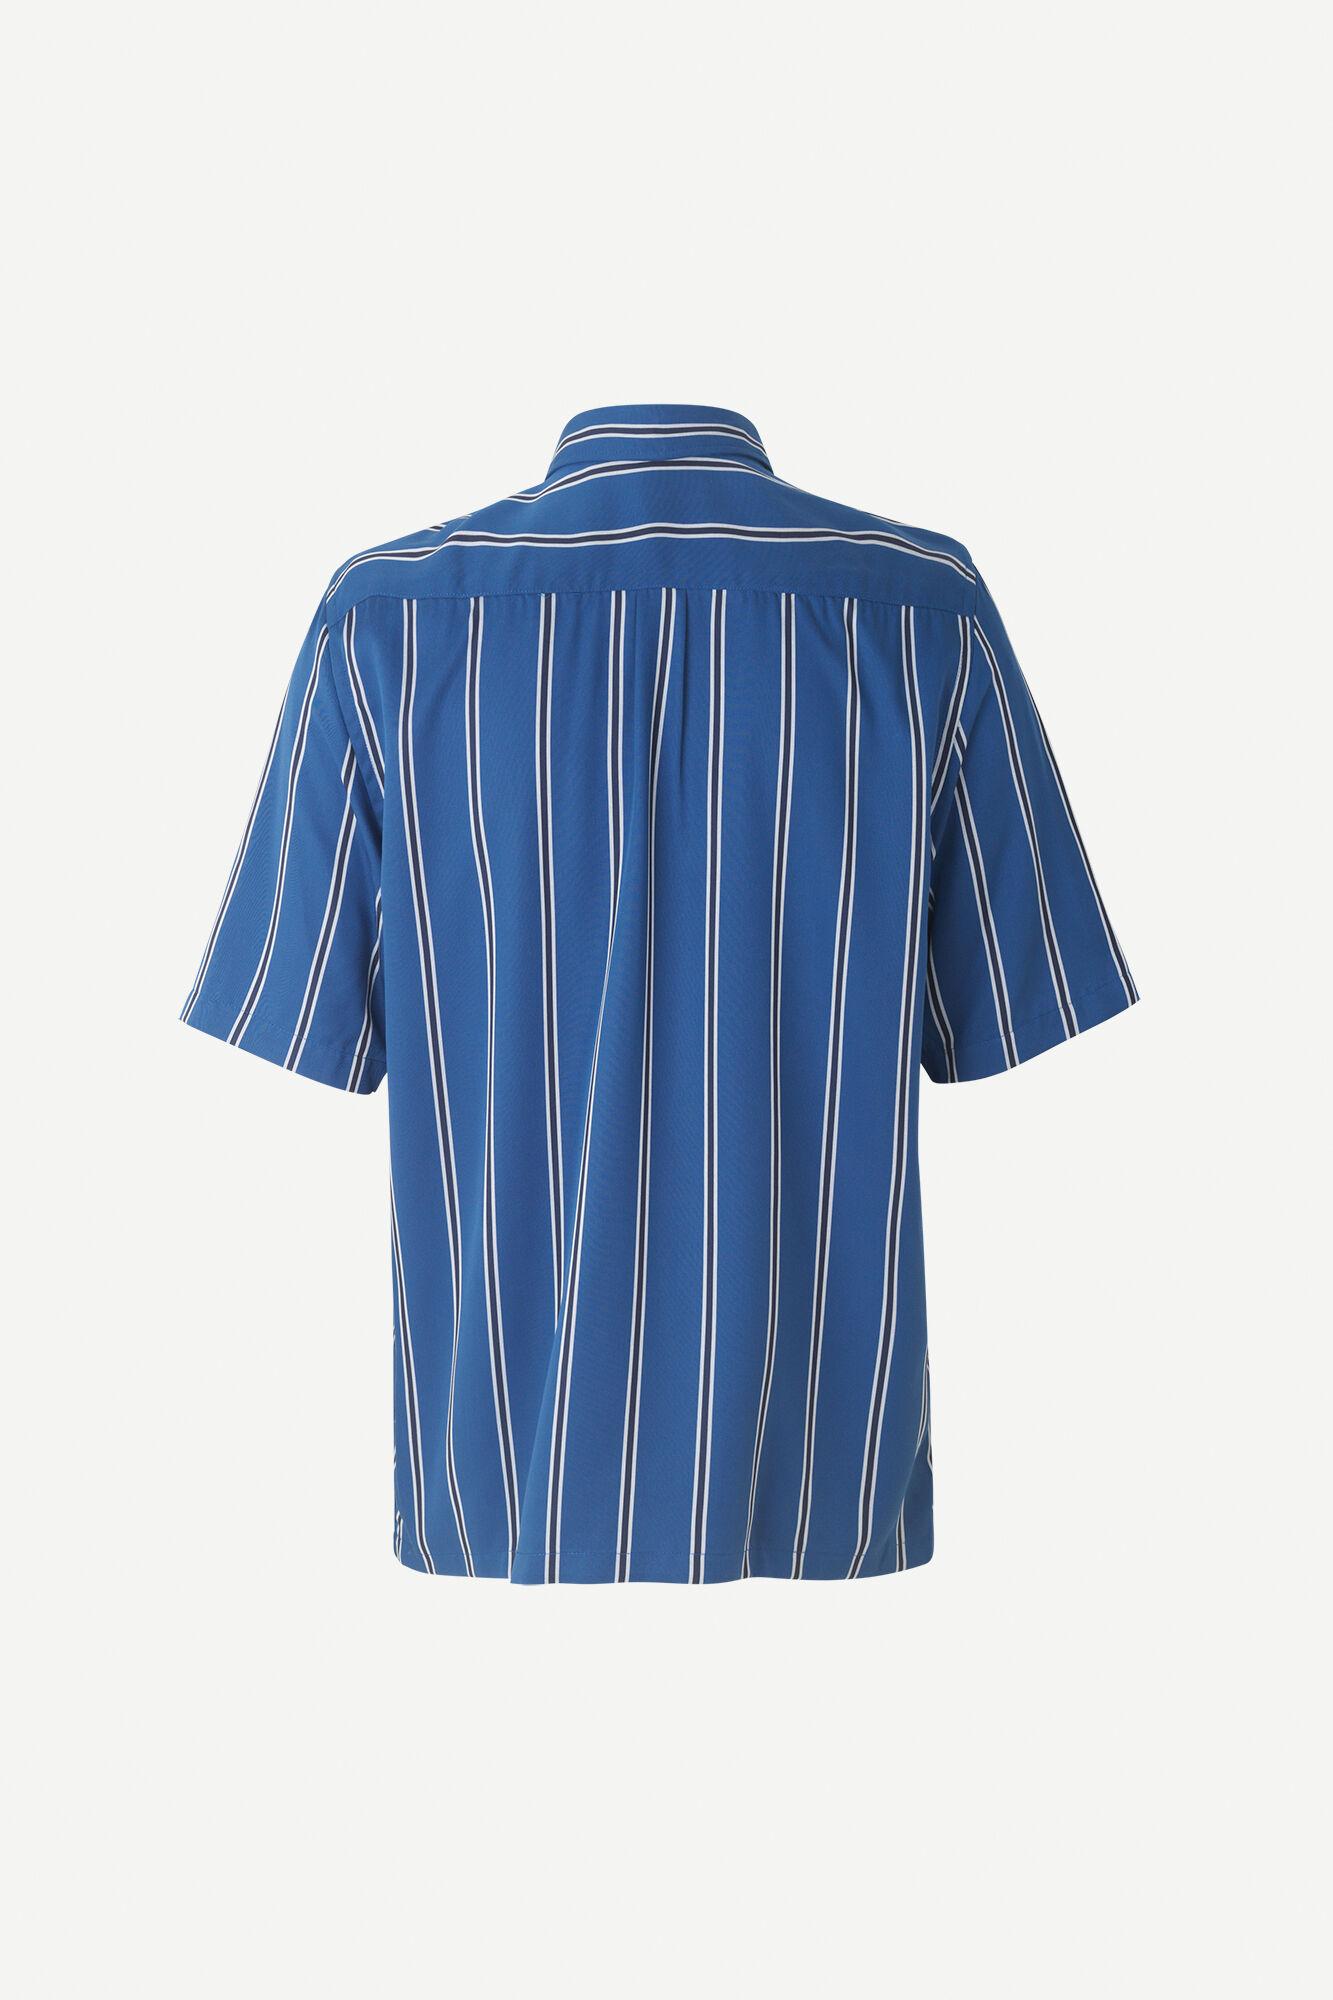 Taro NX shirt 10806, BLUE DEPTHS ST.